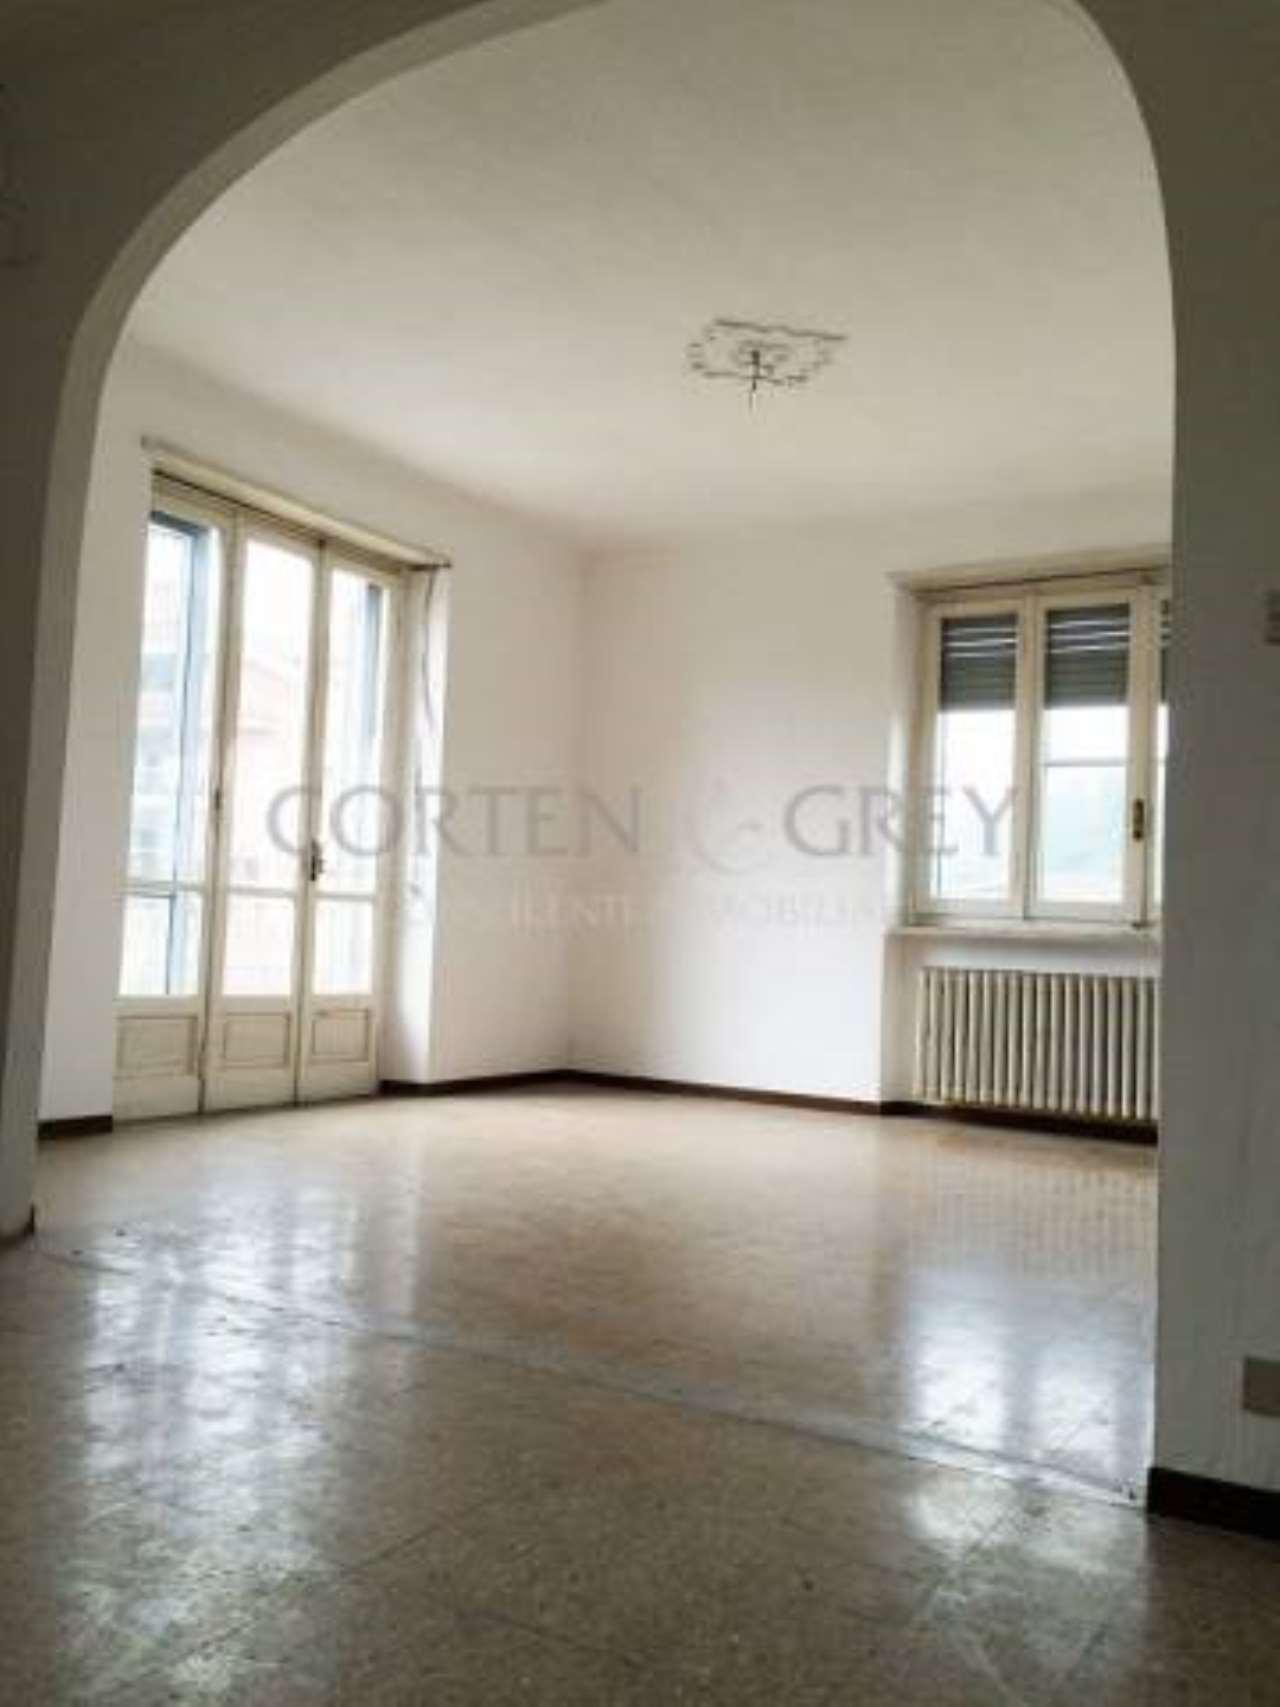 Appartamento in vendita a Castiglione Torinese, 3 locali, prezzo € 69.000 | CambioCasa.it